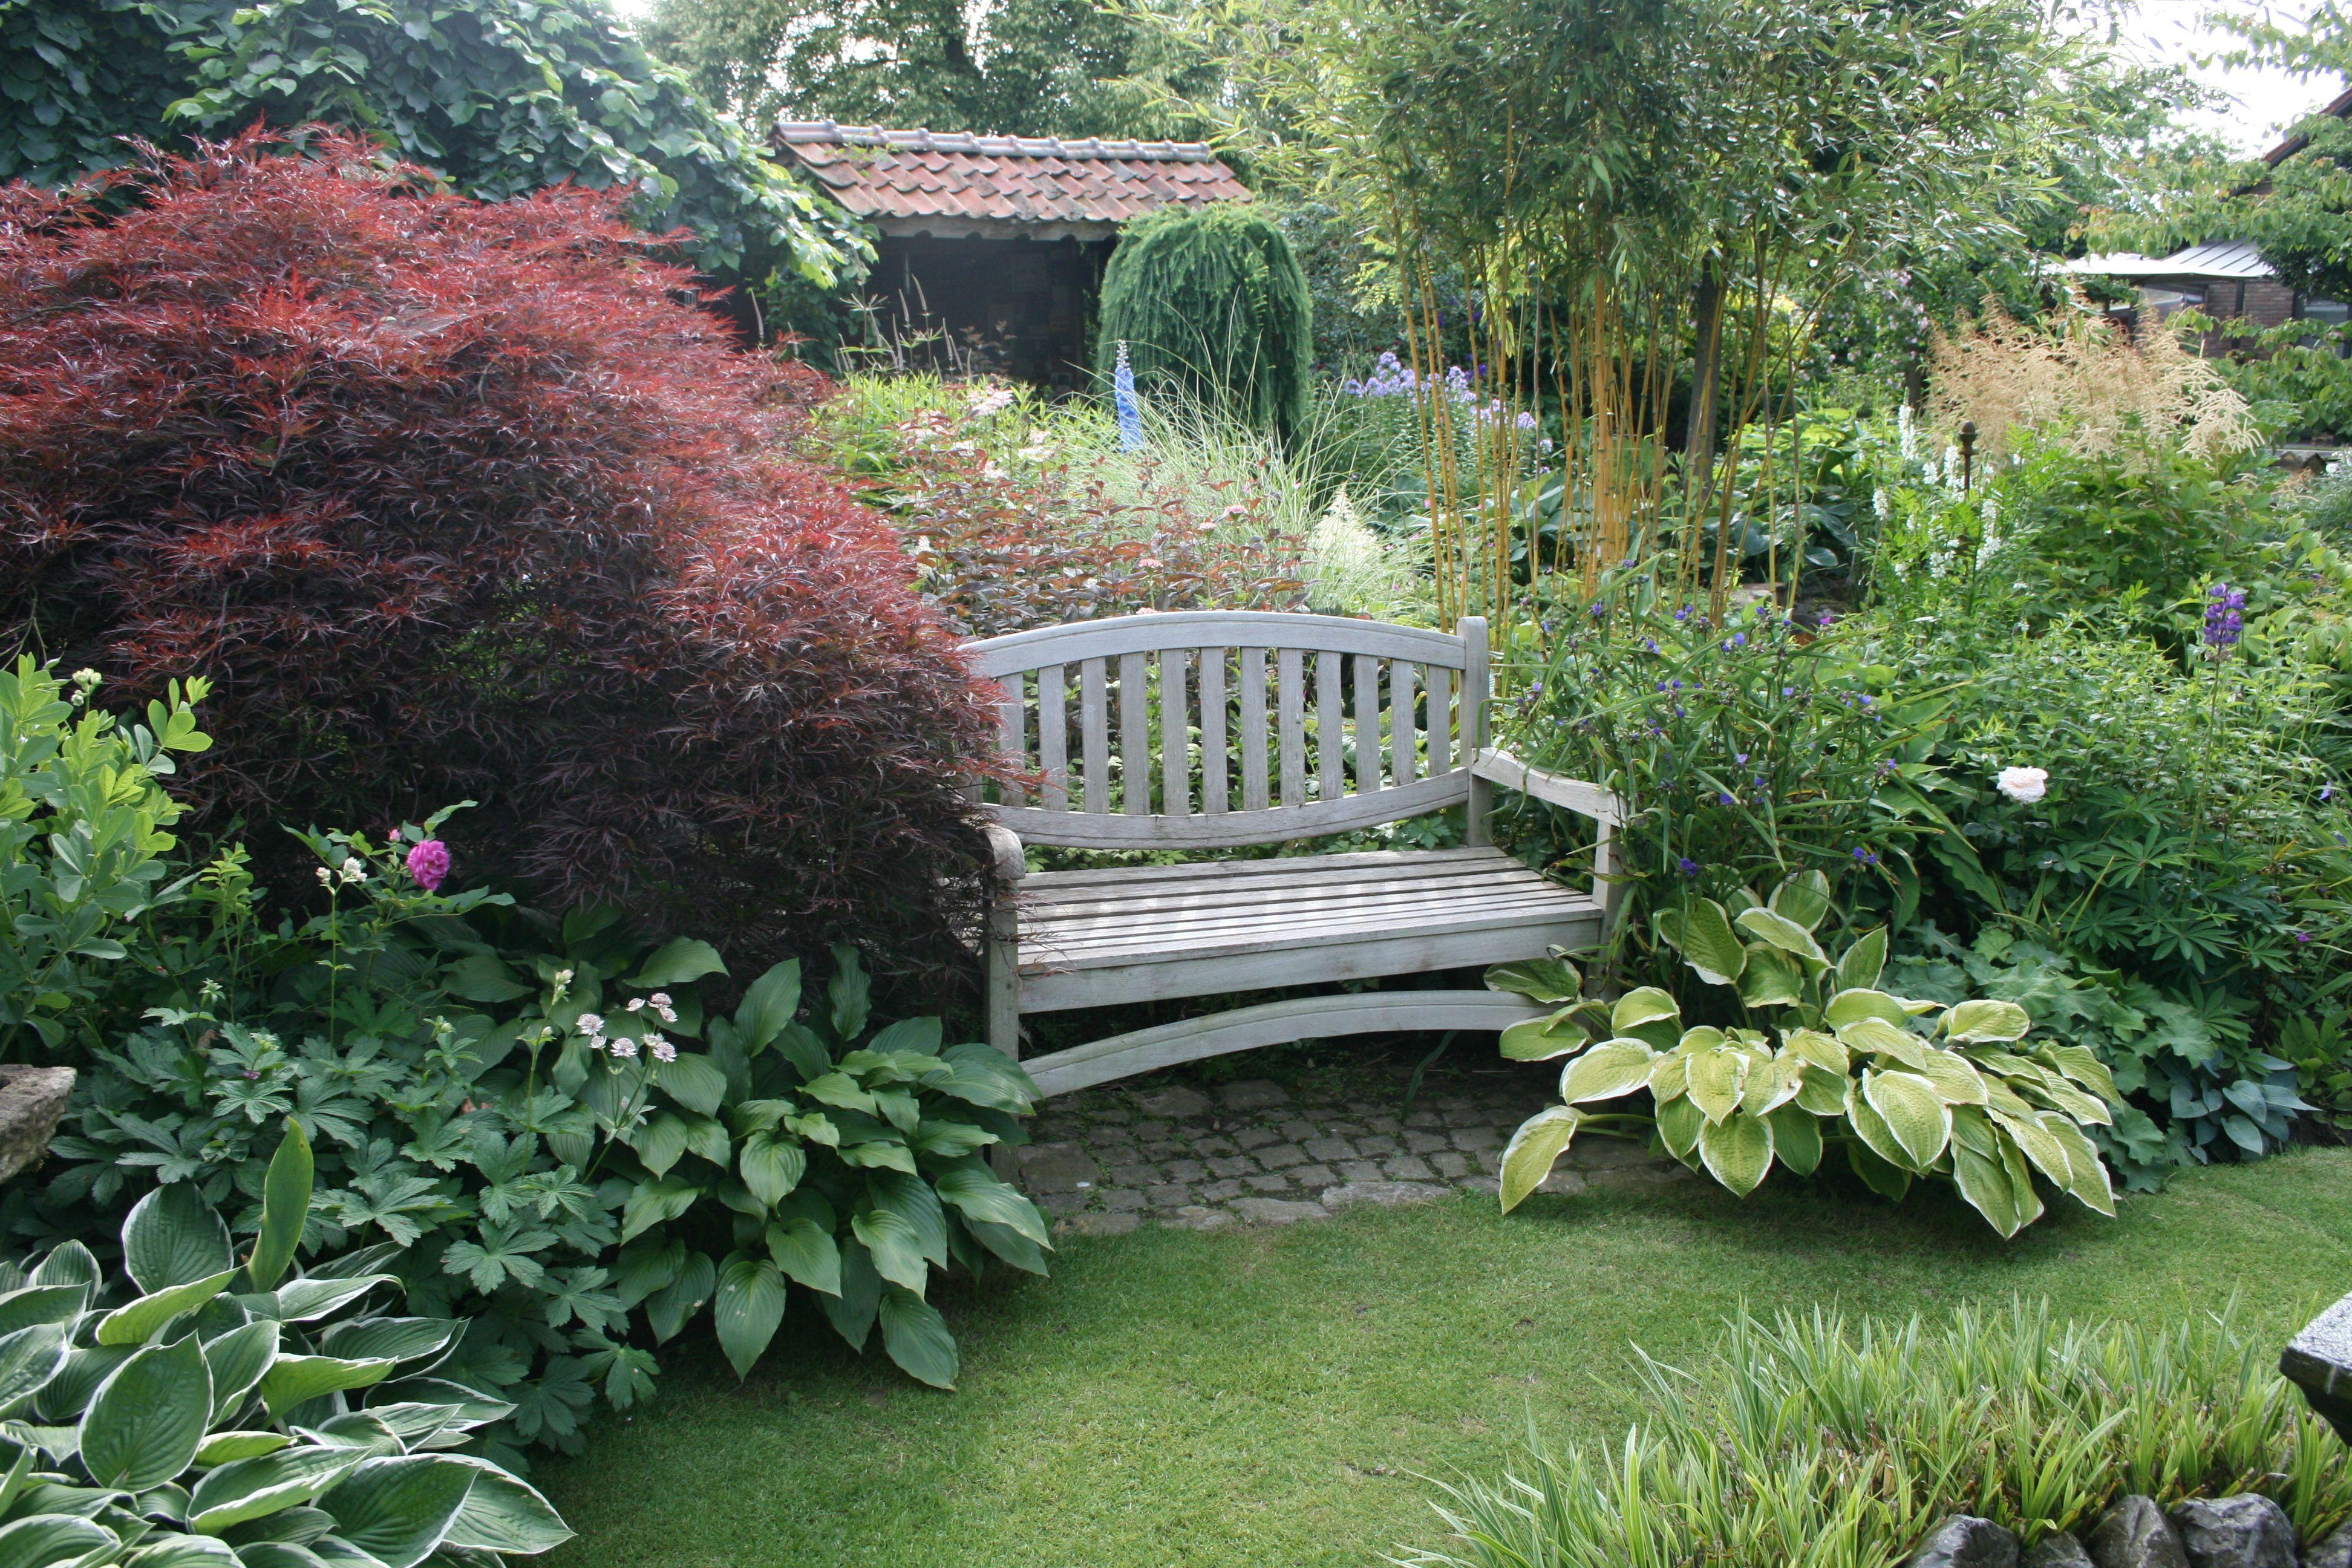 Wunderbar Sitzplatz Garten Das Beste Von In Belgien/